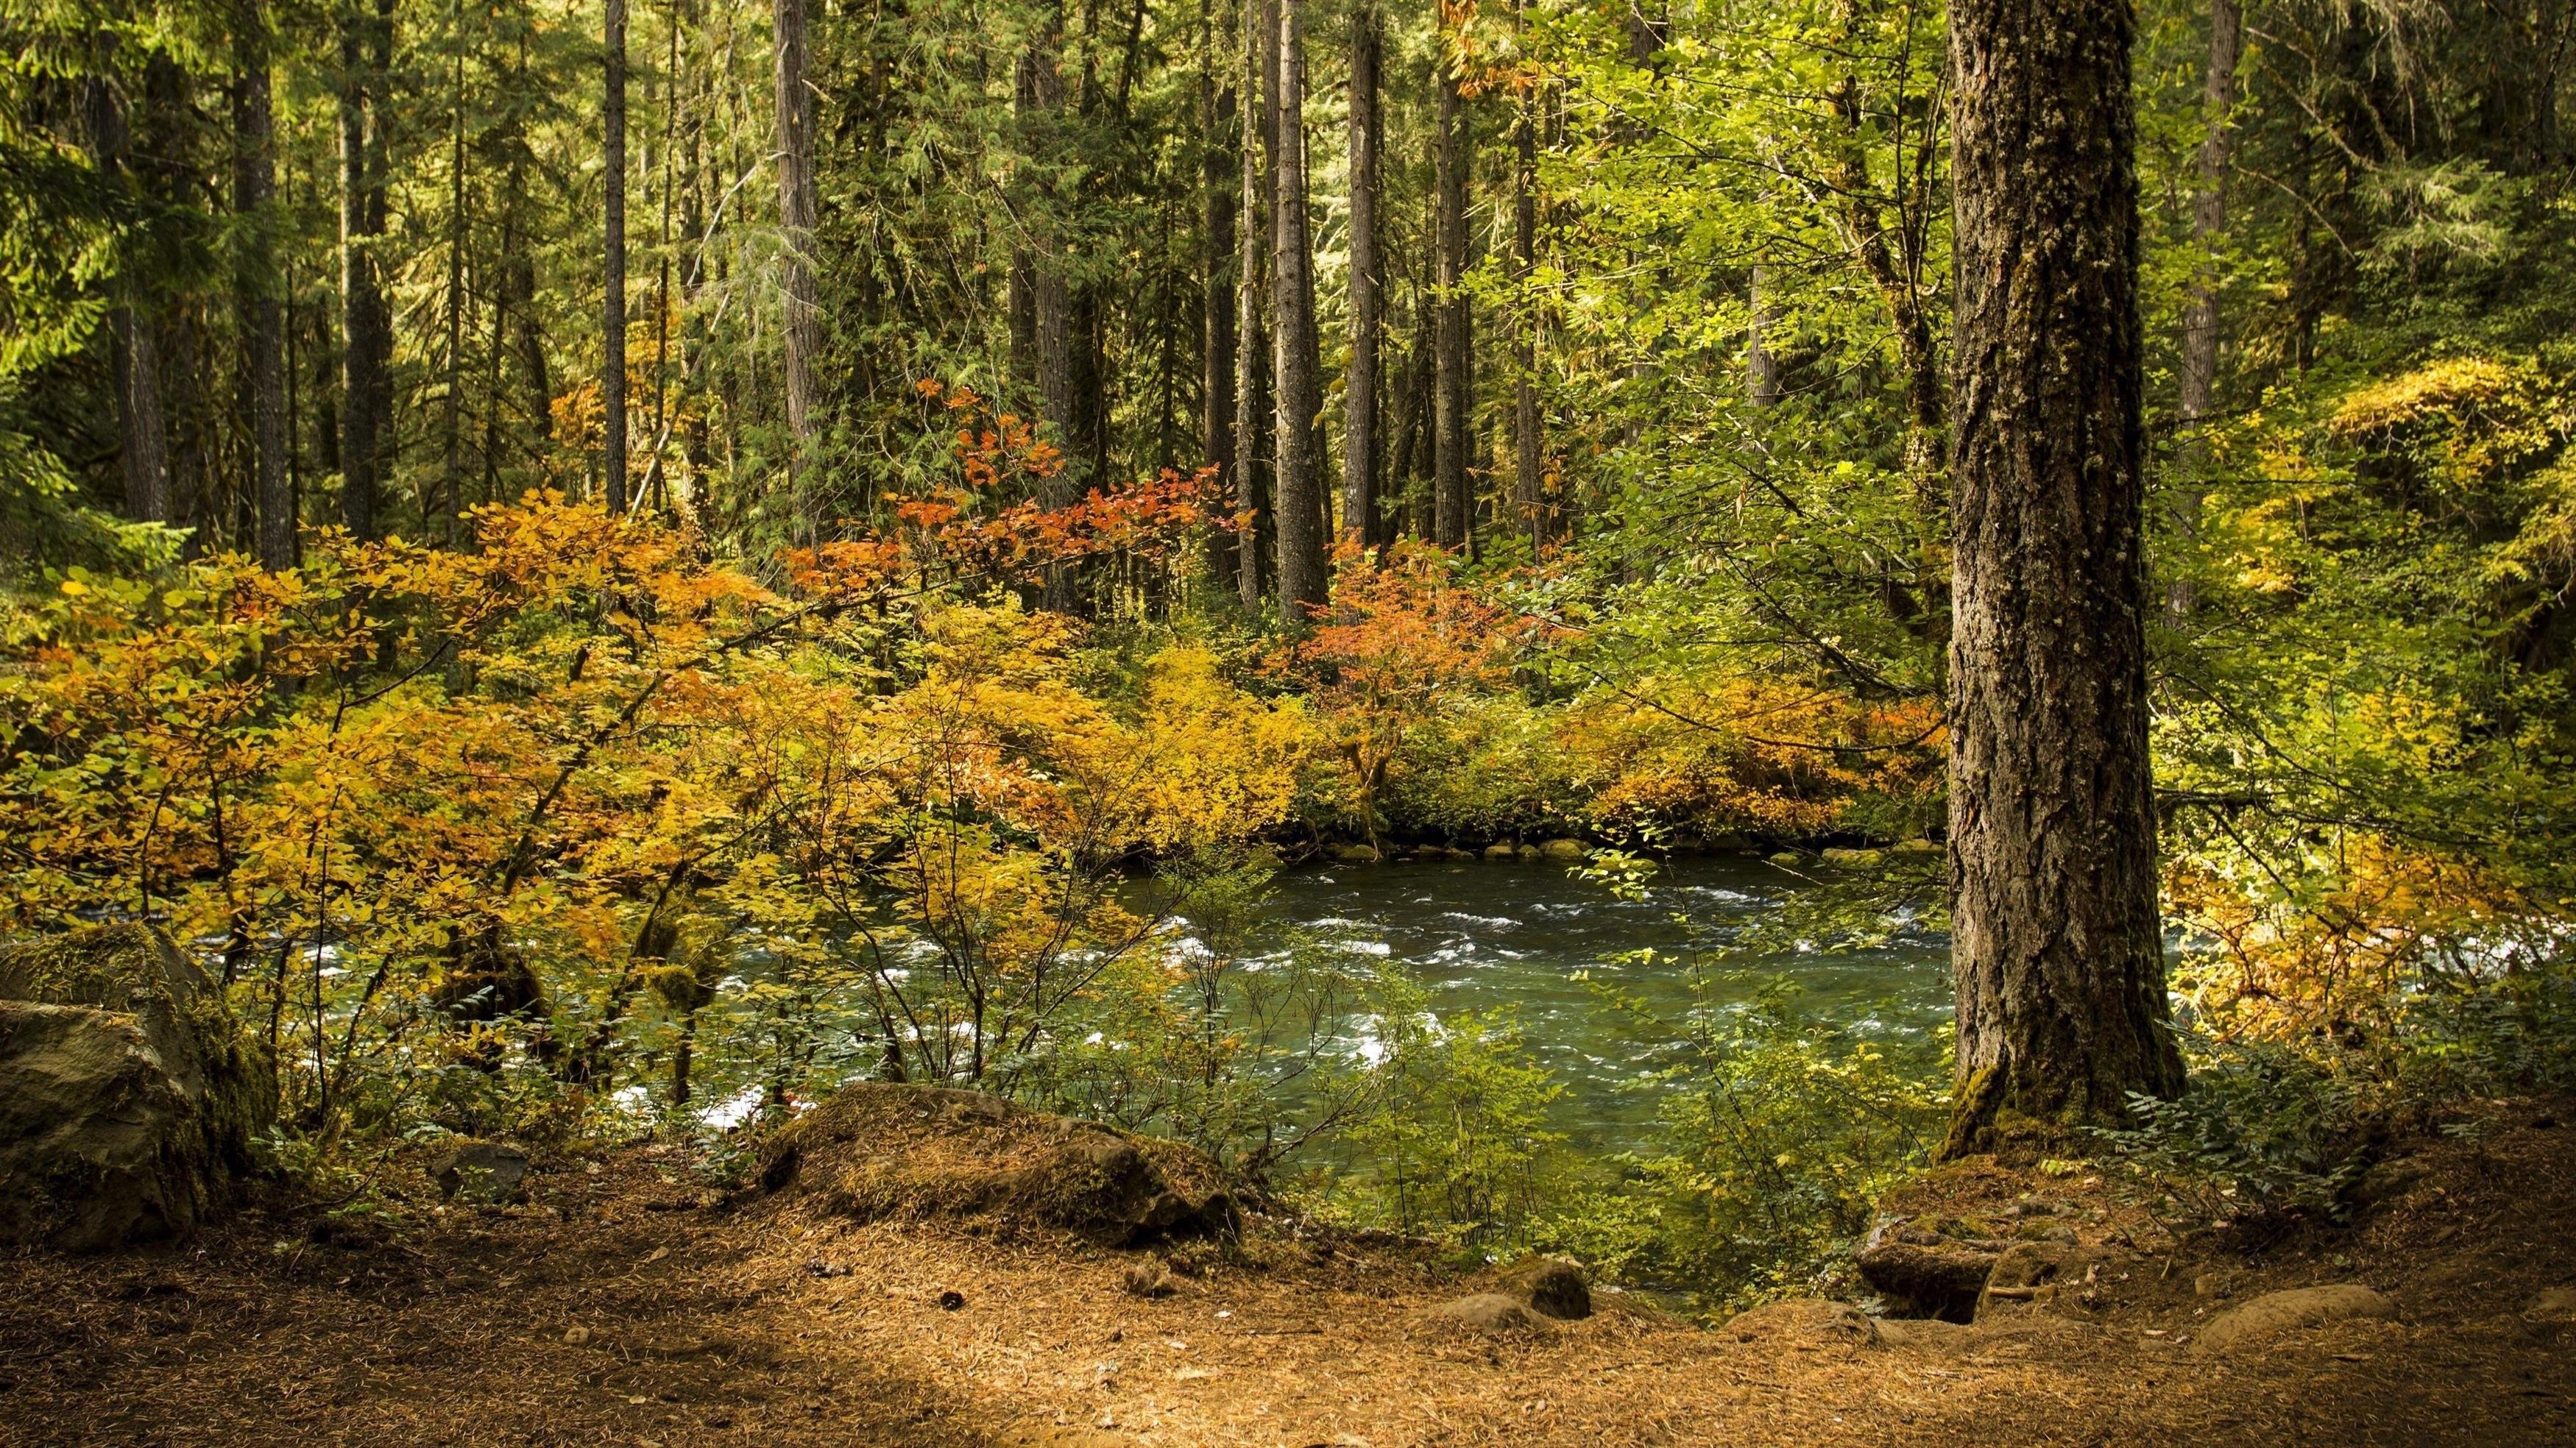 Река, проходящая через лес с зелеными деревьями в дневное время природа обои скачать